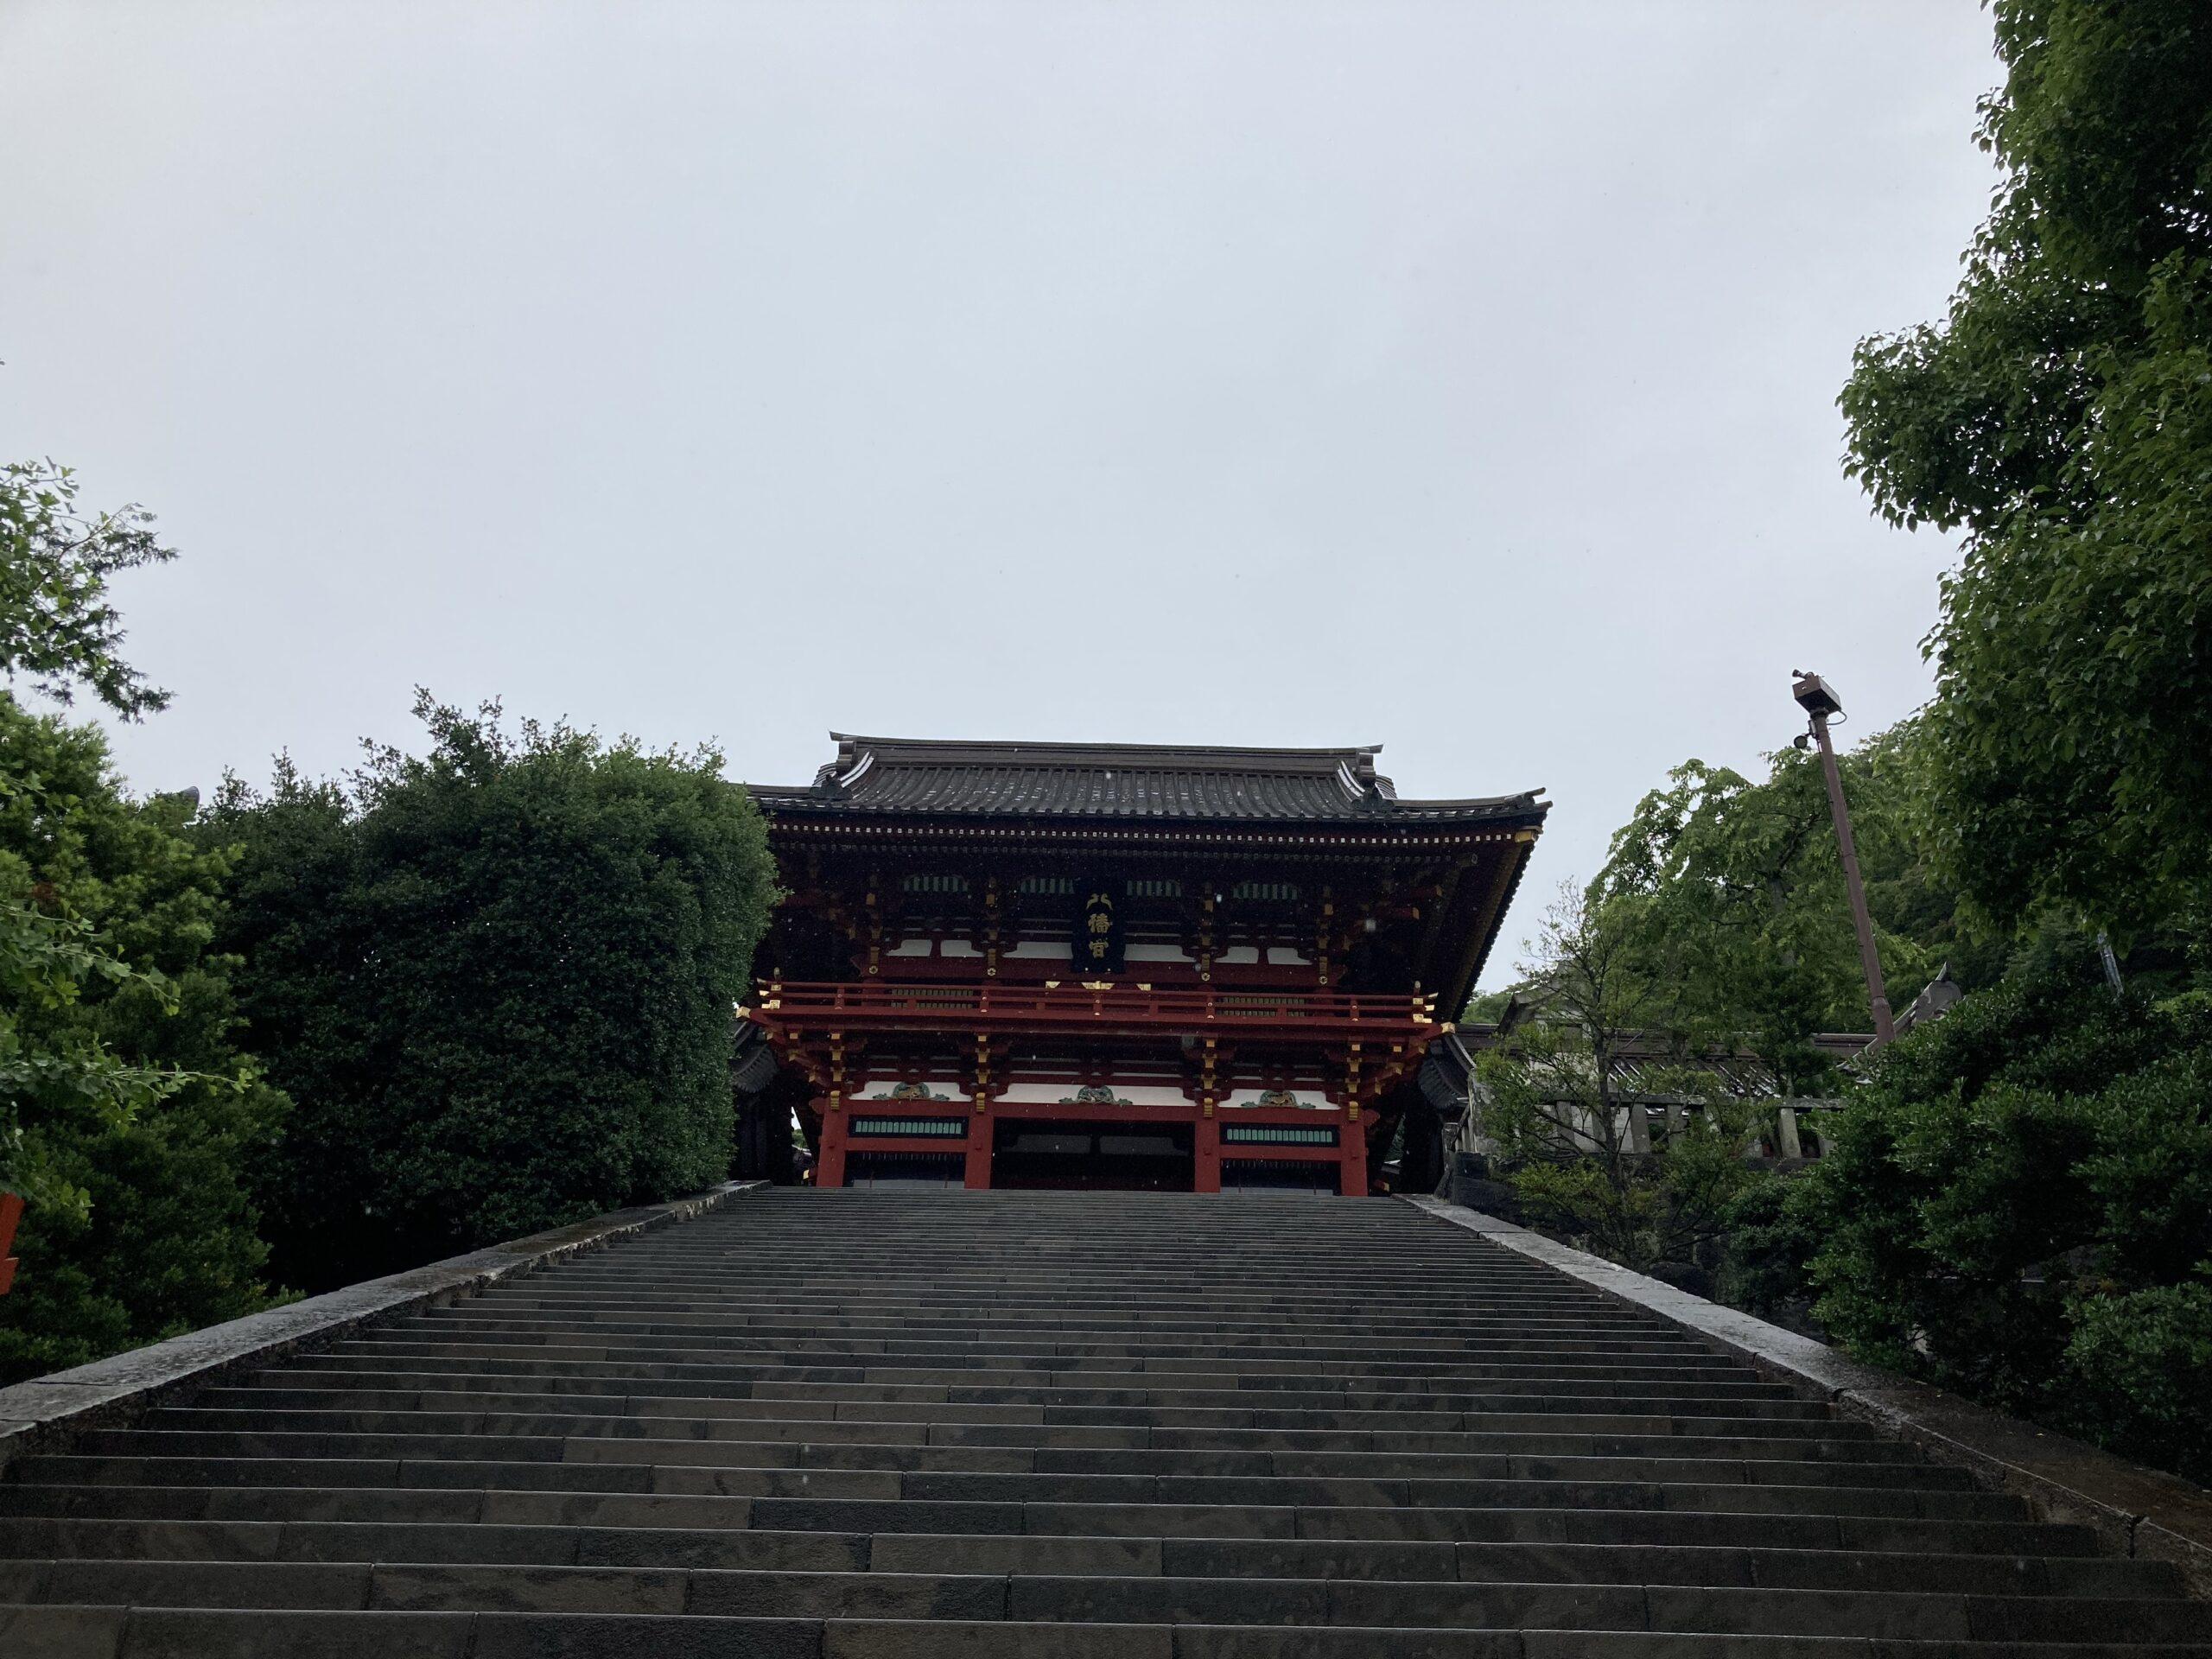 鶴岡八幡宮本堂の写真